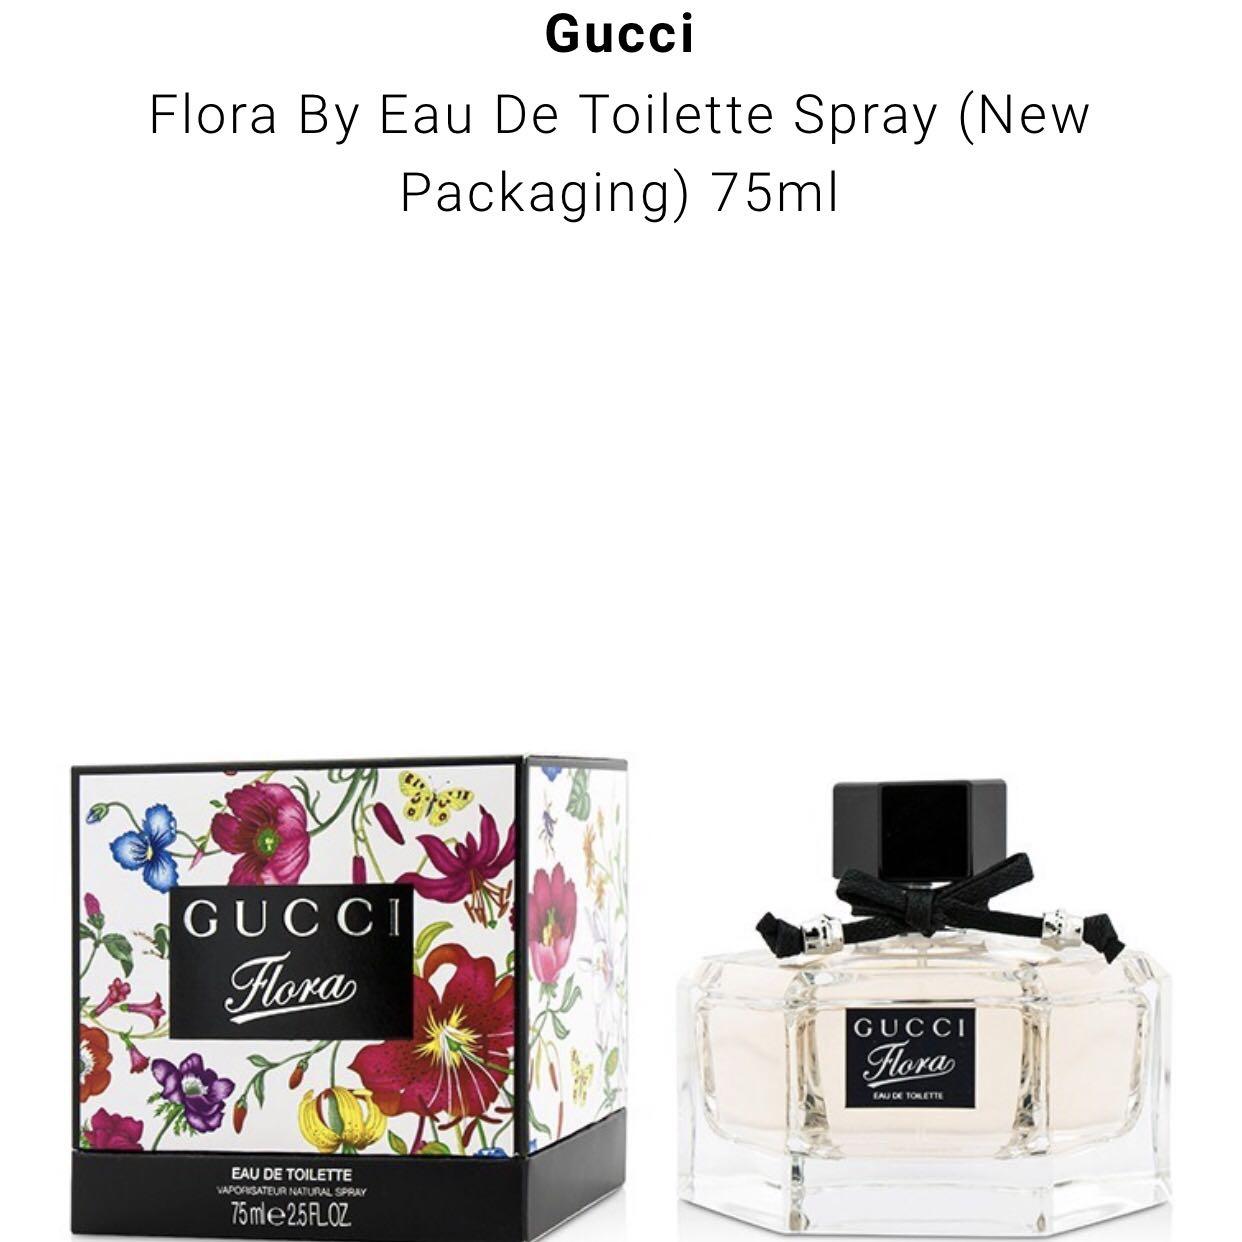 6bc073d73d6 Gucci Flora Eau De Toilette 75ml